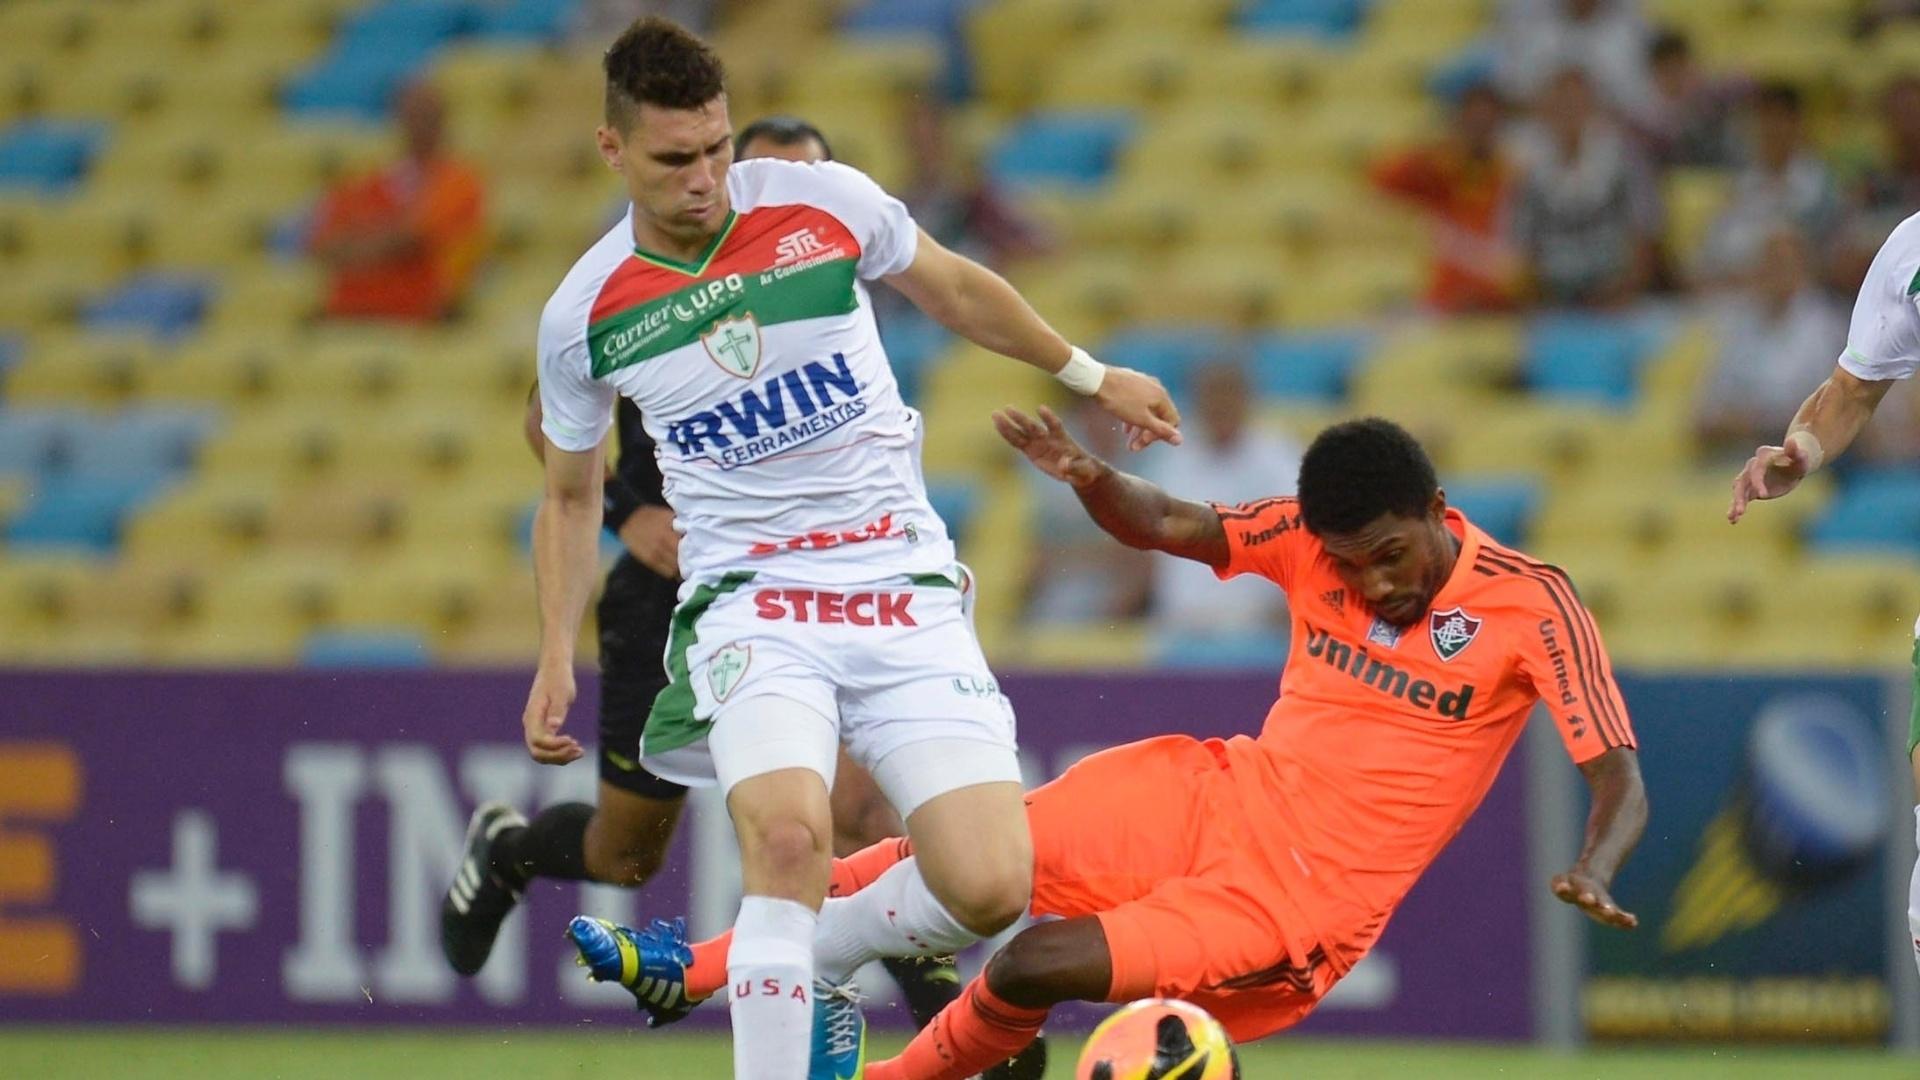 14.set.2013 - Moisés, da Portuguesa, disputa a bola com Rhayner, do Fluminense, durante jogo no Maracanã